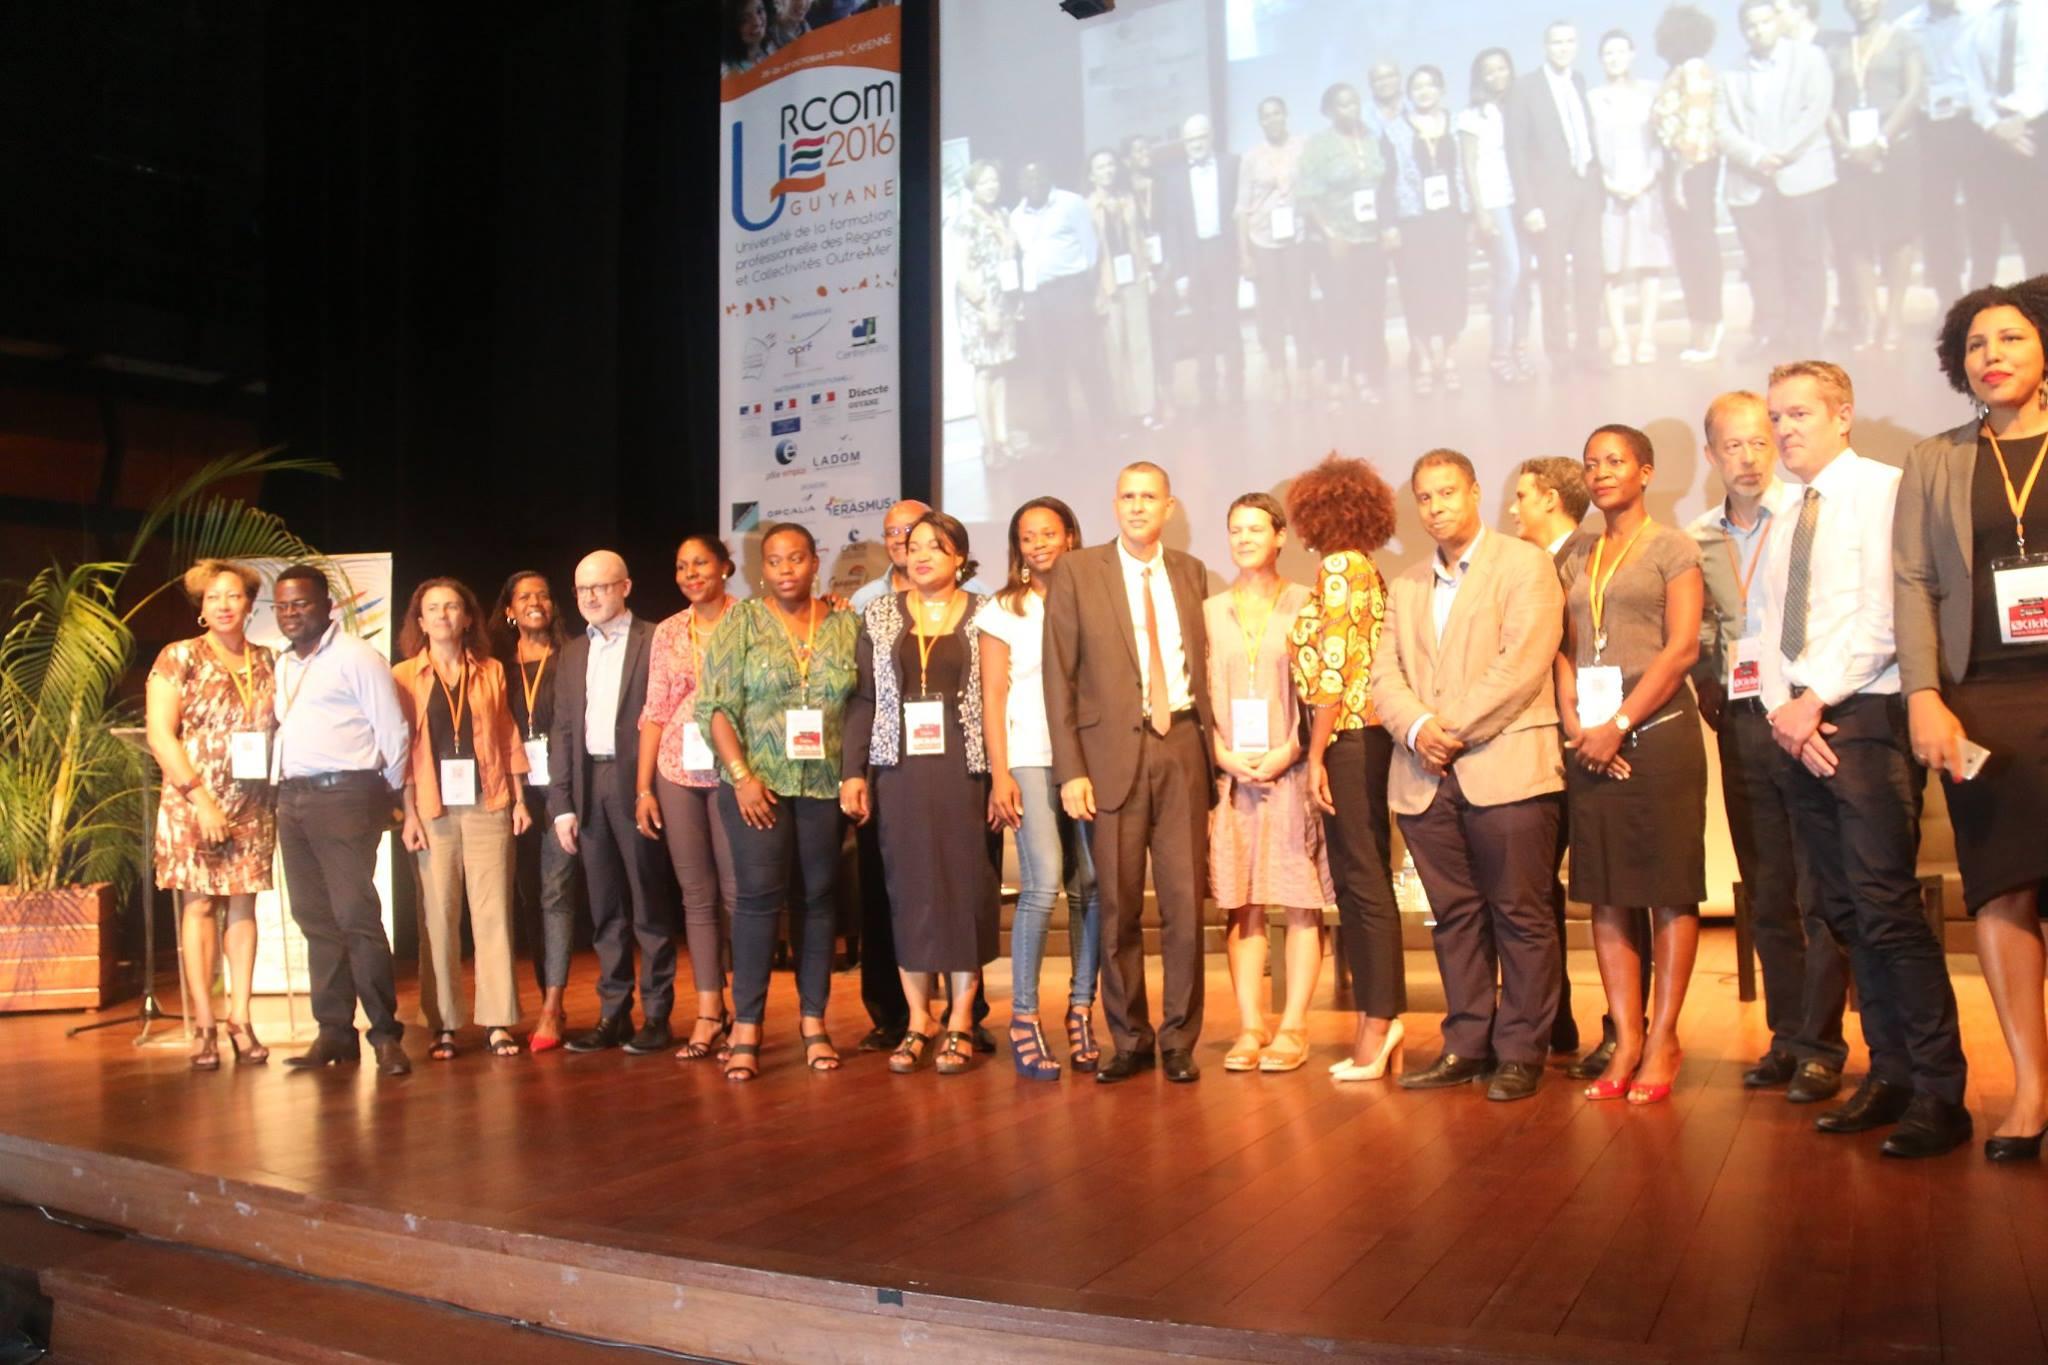 GUYANE. 5ème édition de l'université de la formation professionnelle des Régions et Collectivités Outre mer